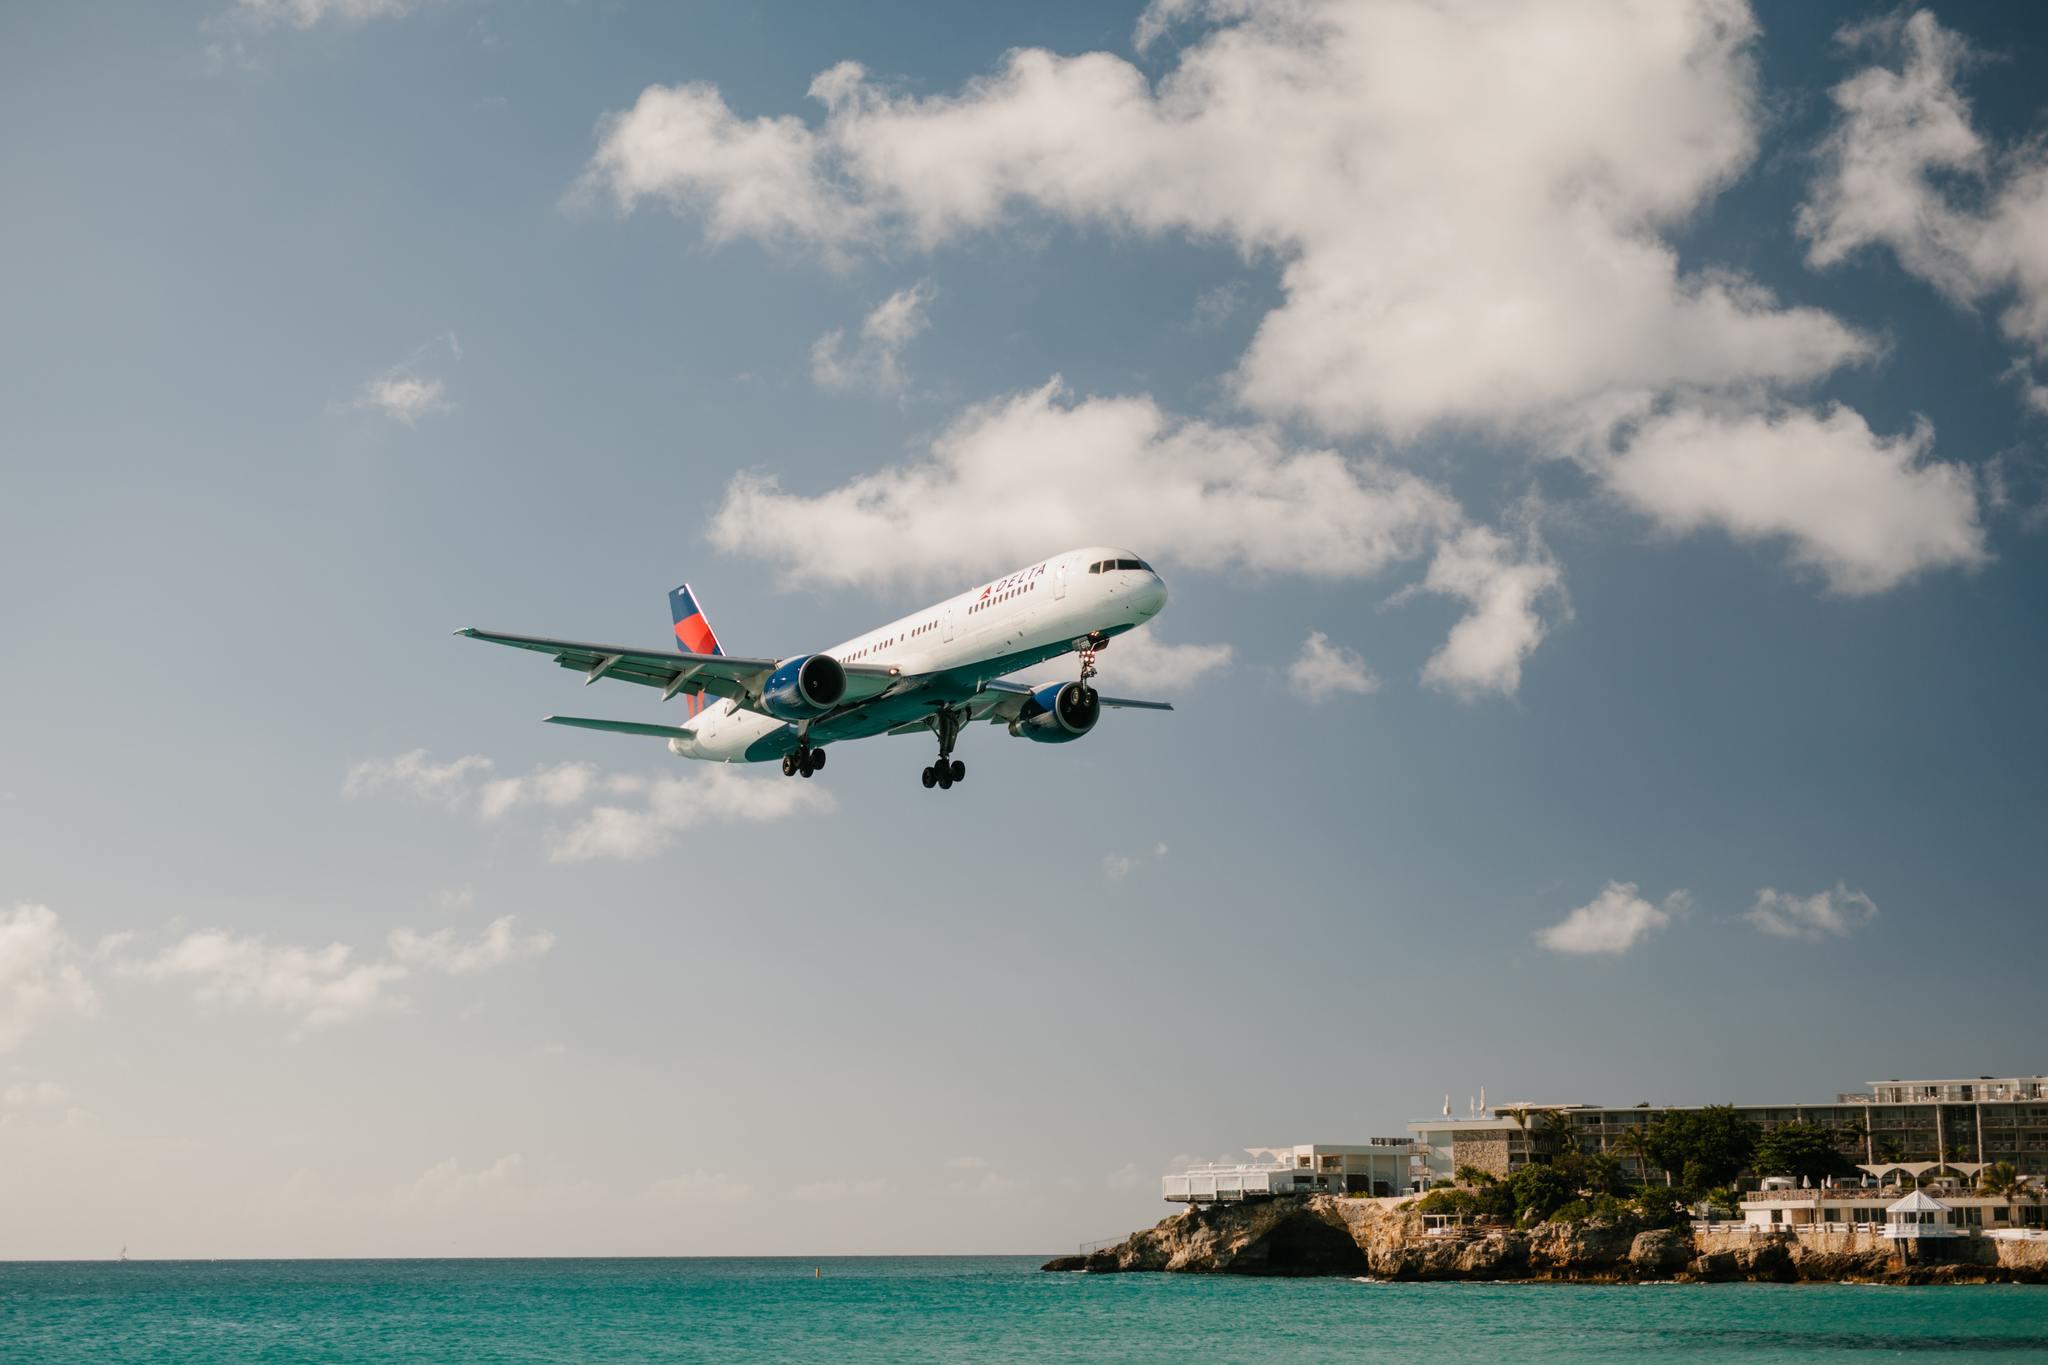 Viajar por tu país o al extranjero? фото